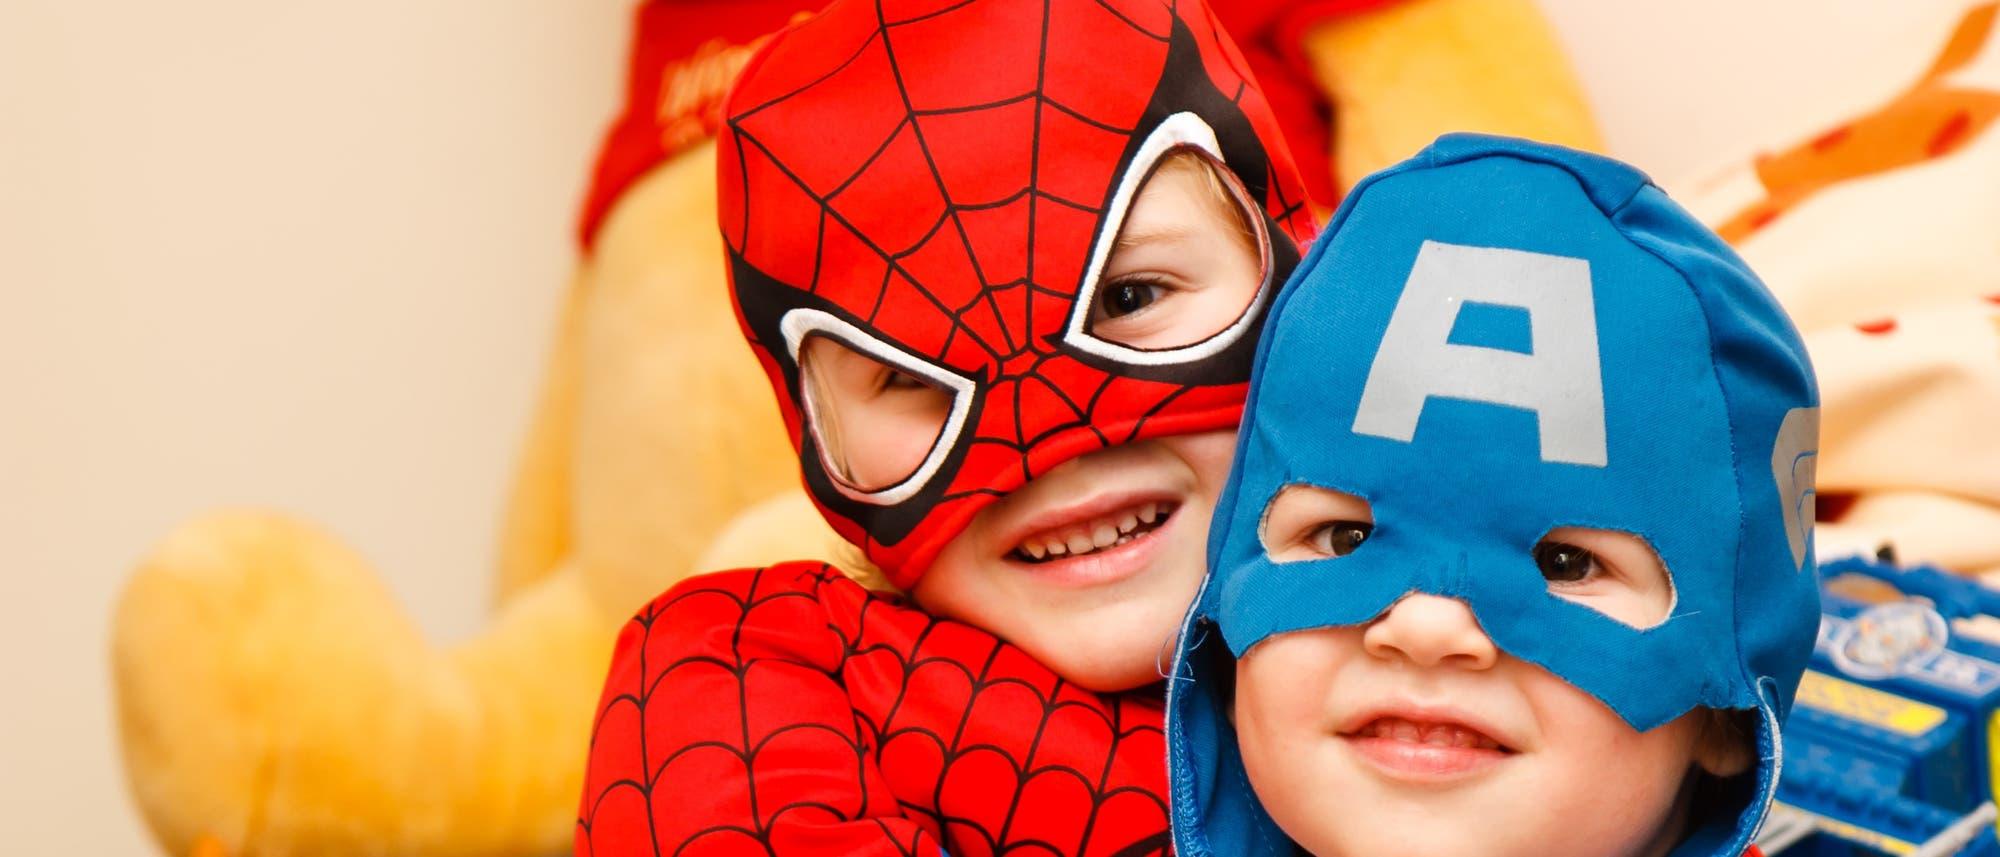 Kinder in Spiderman und Captain America Kostümen